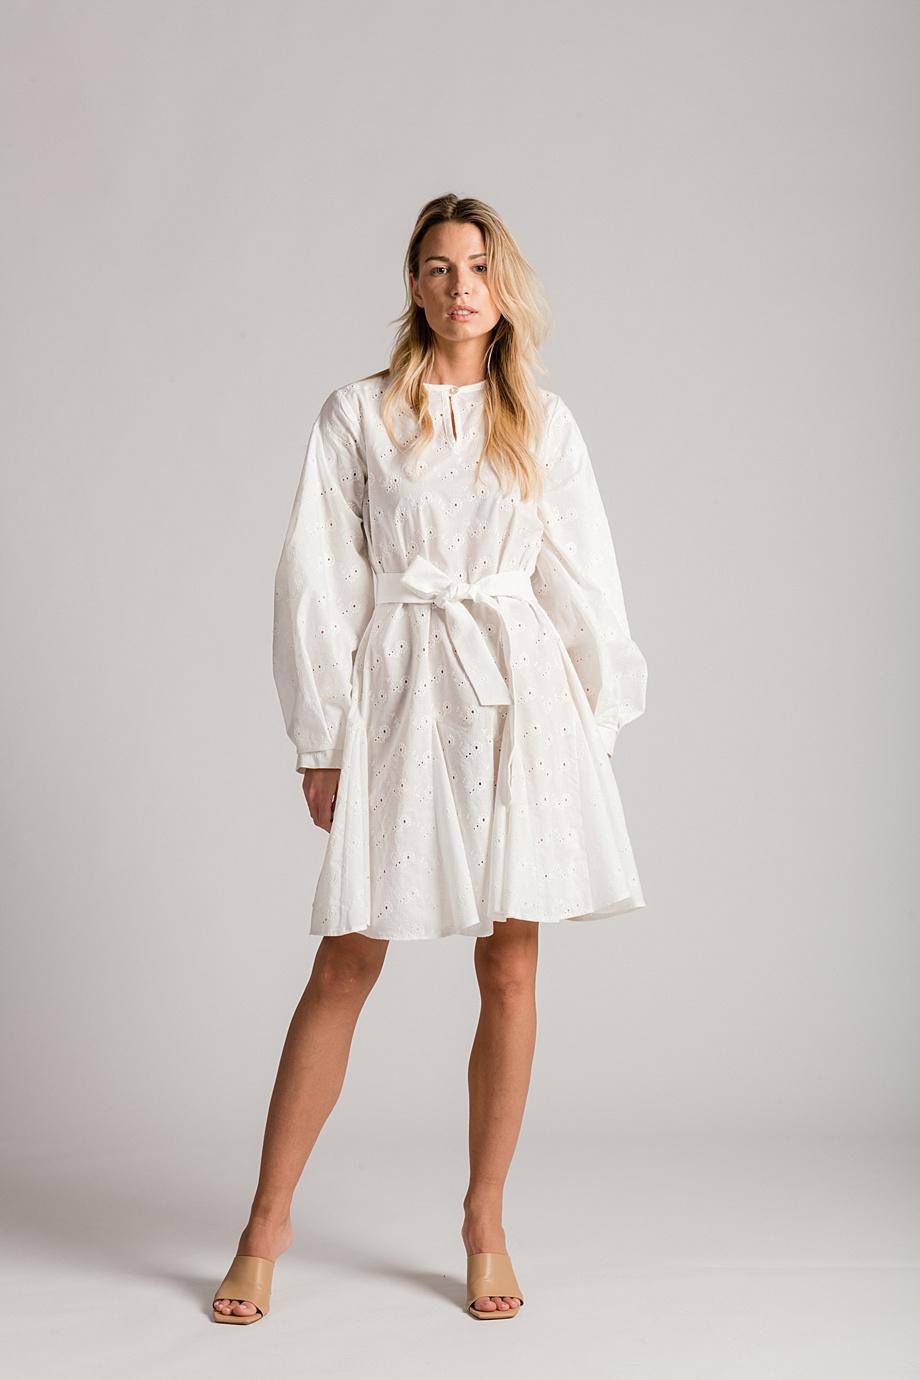 HALJINA VITA - 36-38 - 40-42 - BIJELA BOJA - 100% PAMUK- 1390 KN - LuLu Couture (1)